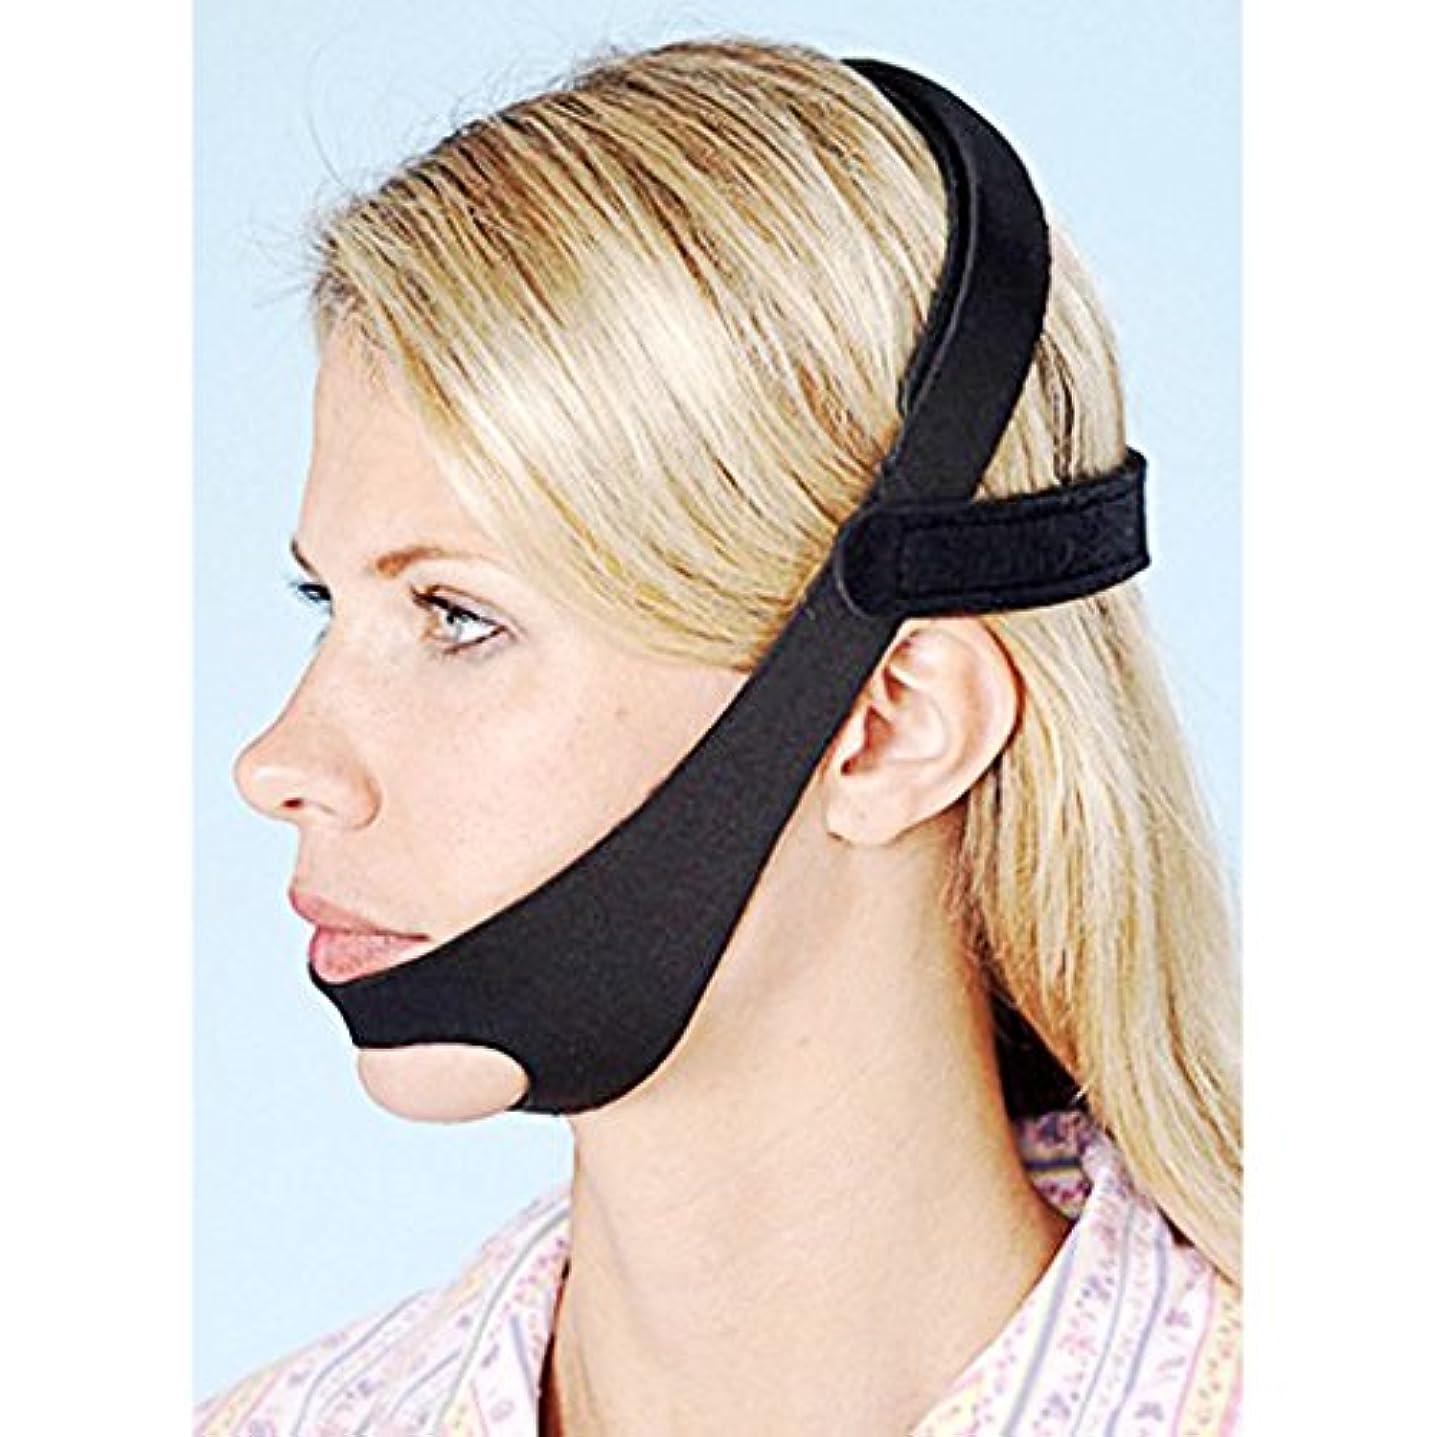 技術者シェーバーメンターDH 2018新しくいびき予防|調整可能なアンチSnoringチンストラップは、男性と女性のためにいびきのいびきSnore Relief Jaw Support Stop Snoring Solution DAHAN